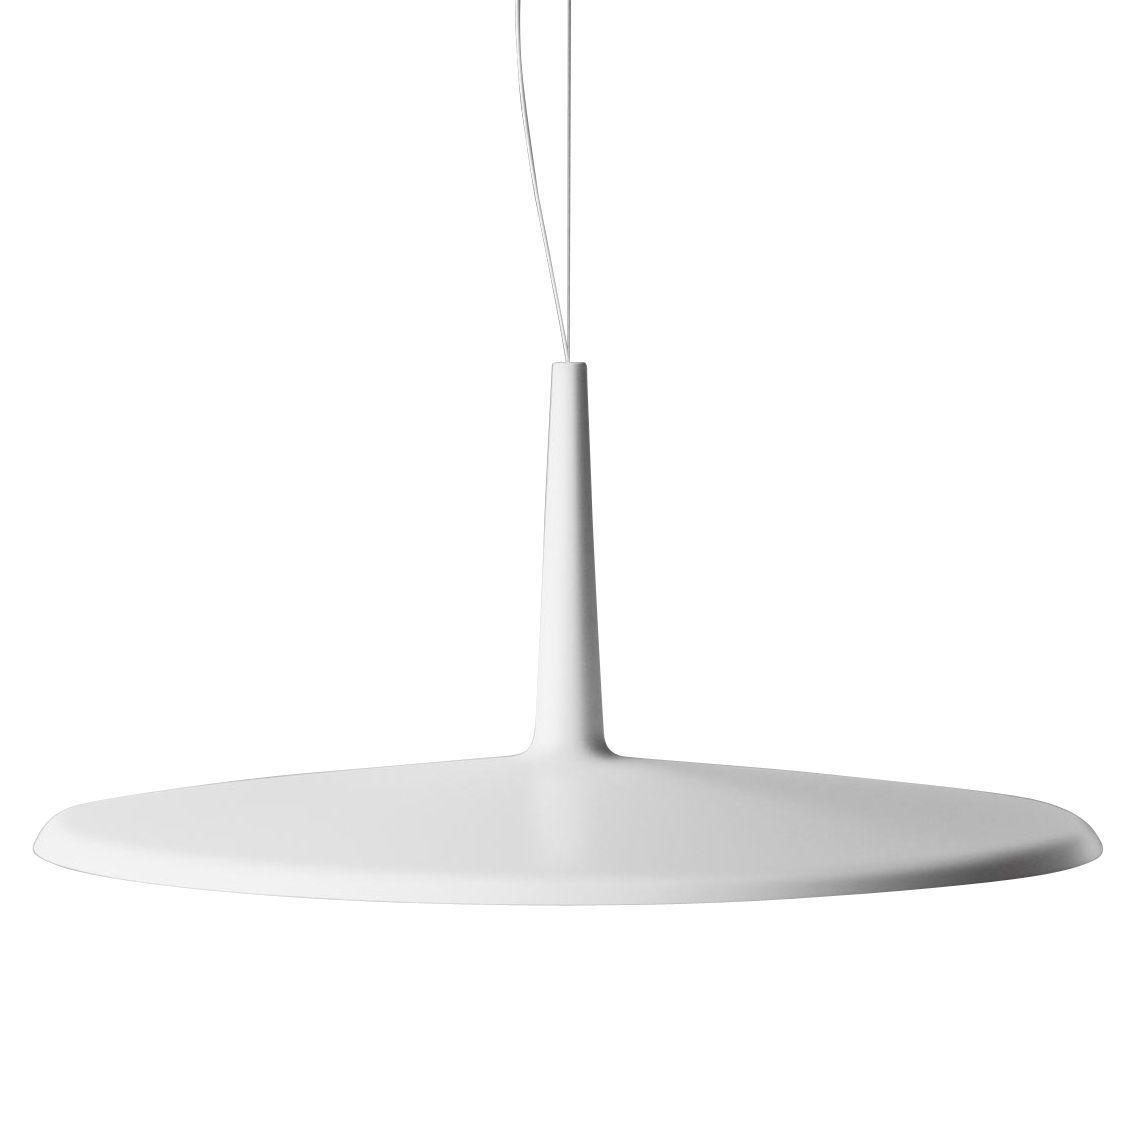 skan 0275 led suspension lamp vibia. Black Bedroom Furniture Sets. Home Design Ideas